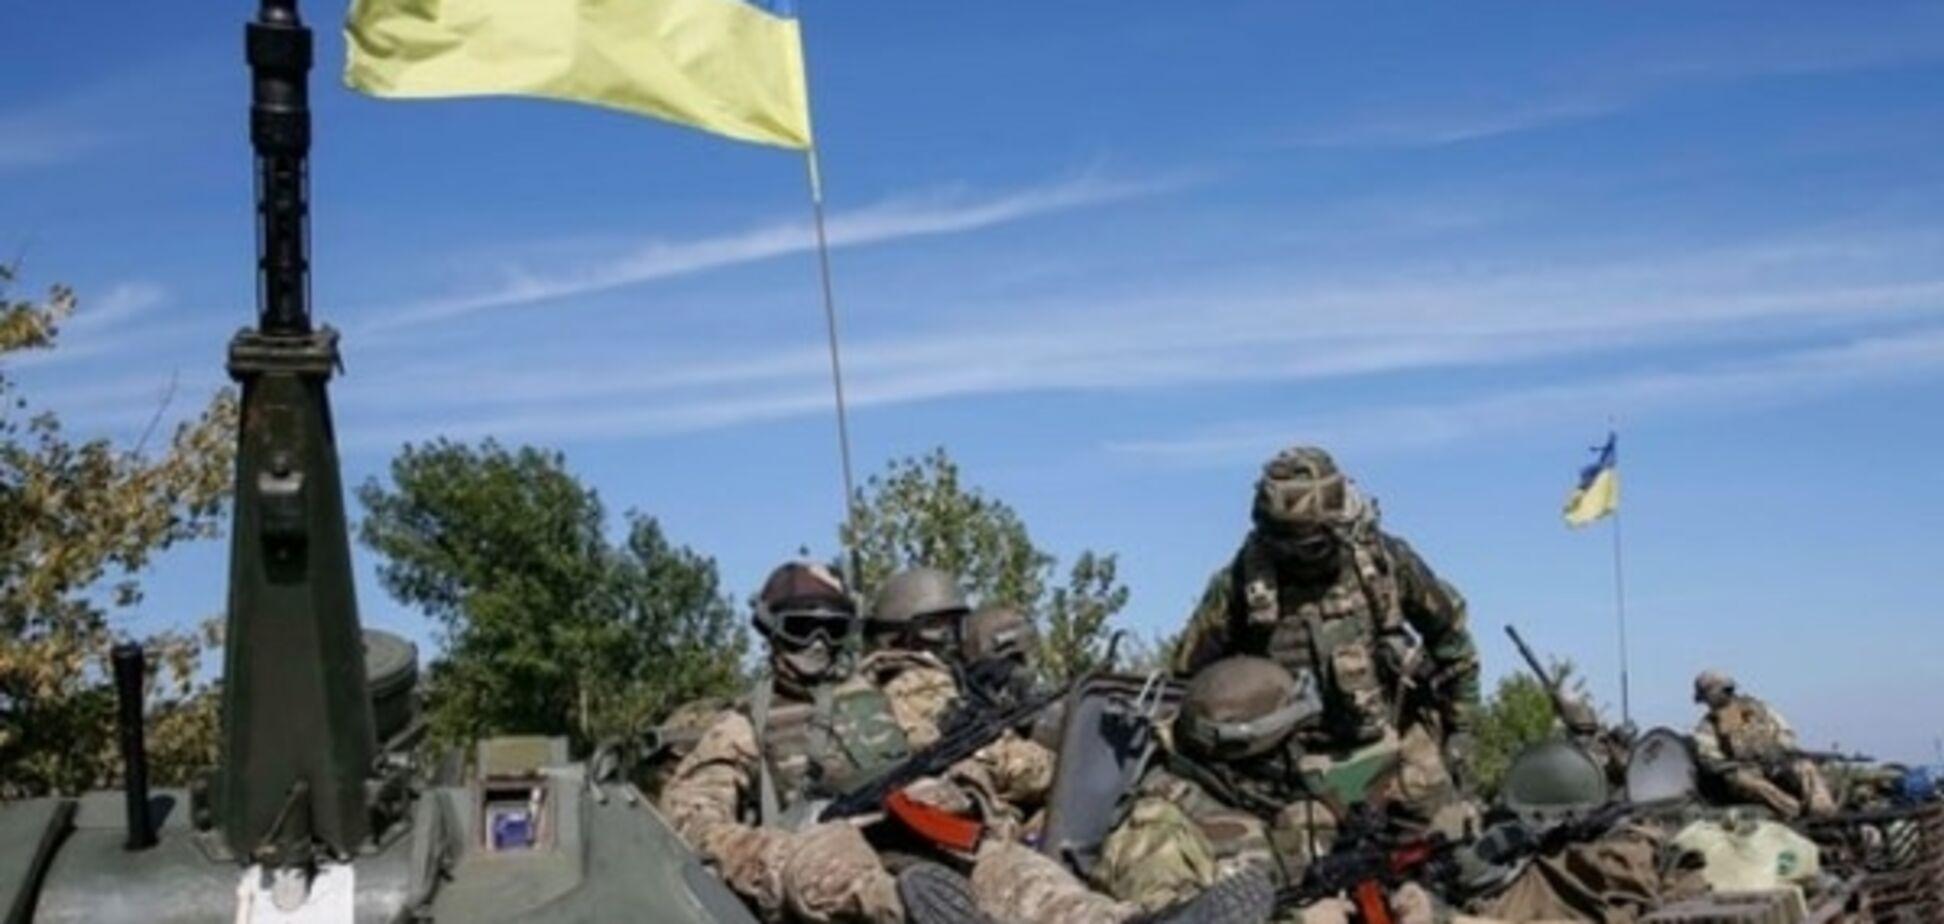 Бабченко 'на пальцях' пояснив, коли закінчиться війна на Донбасі